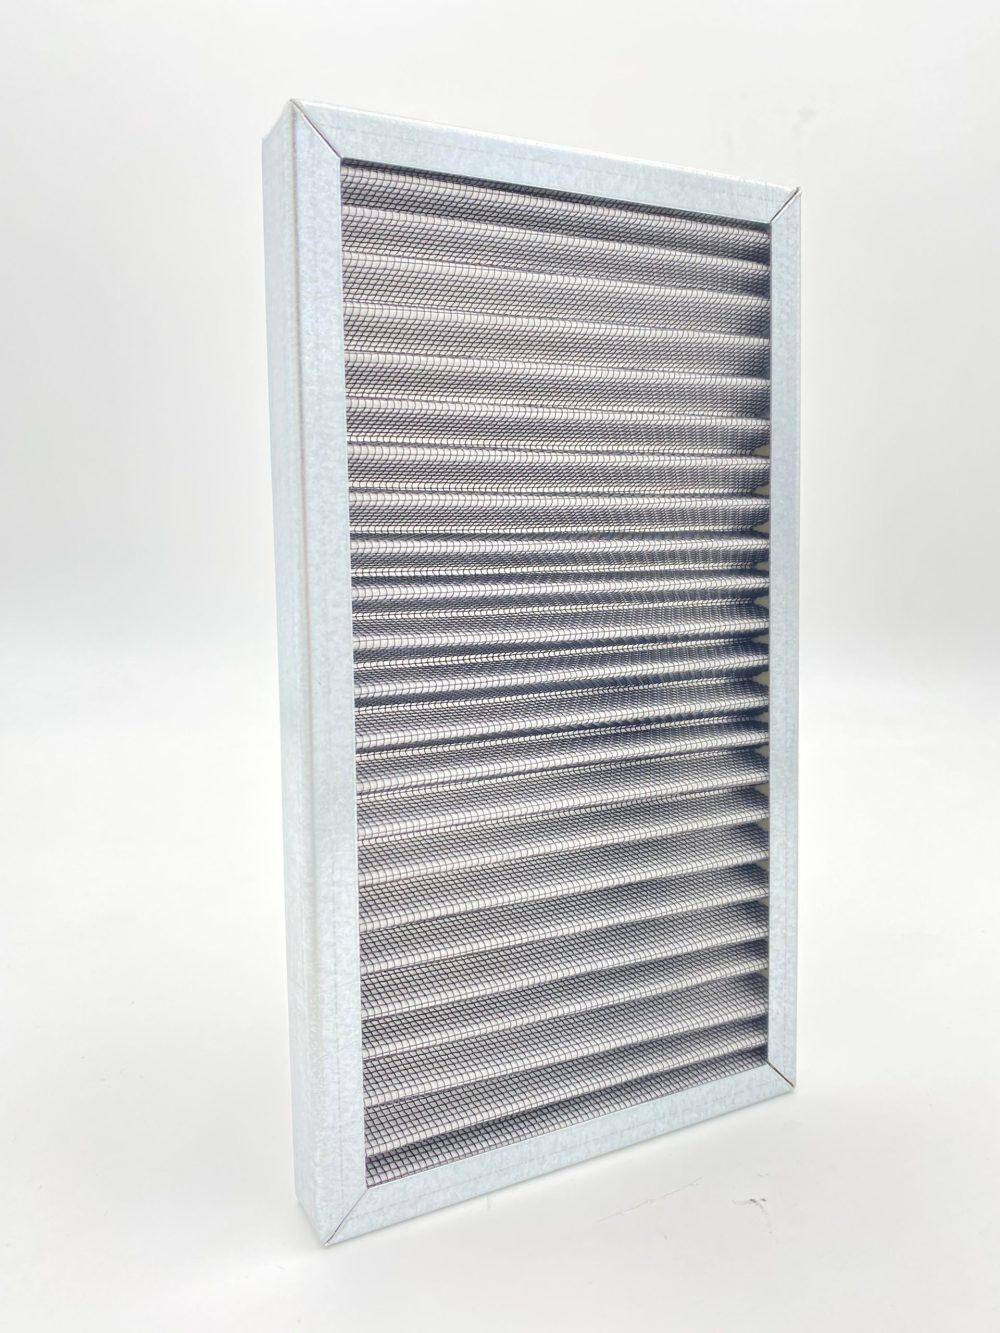 Coolant Filter for RMT Bandsaws